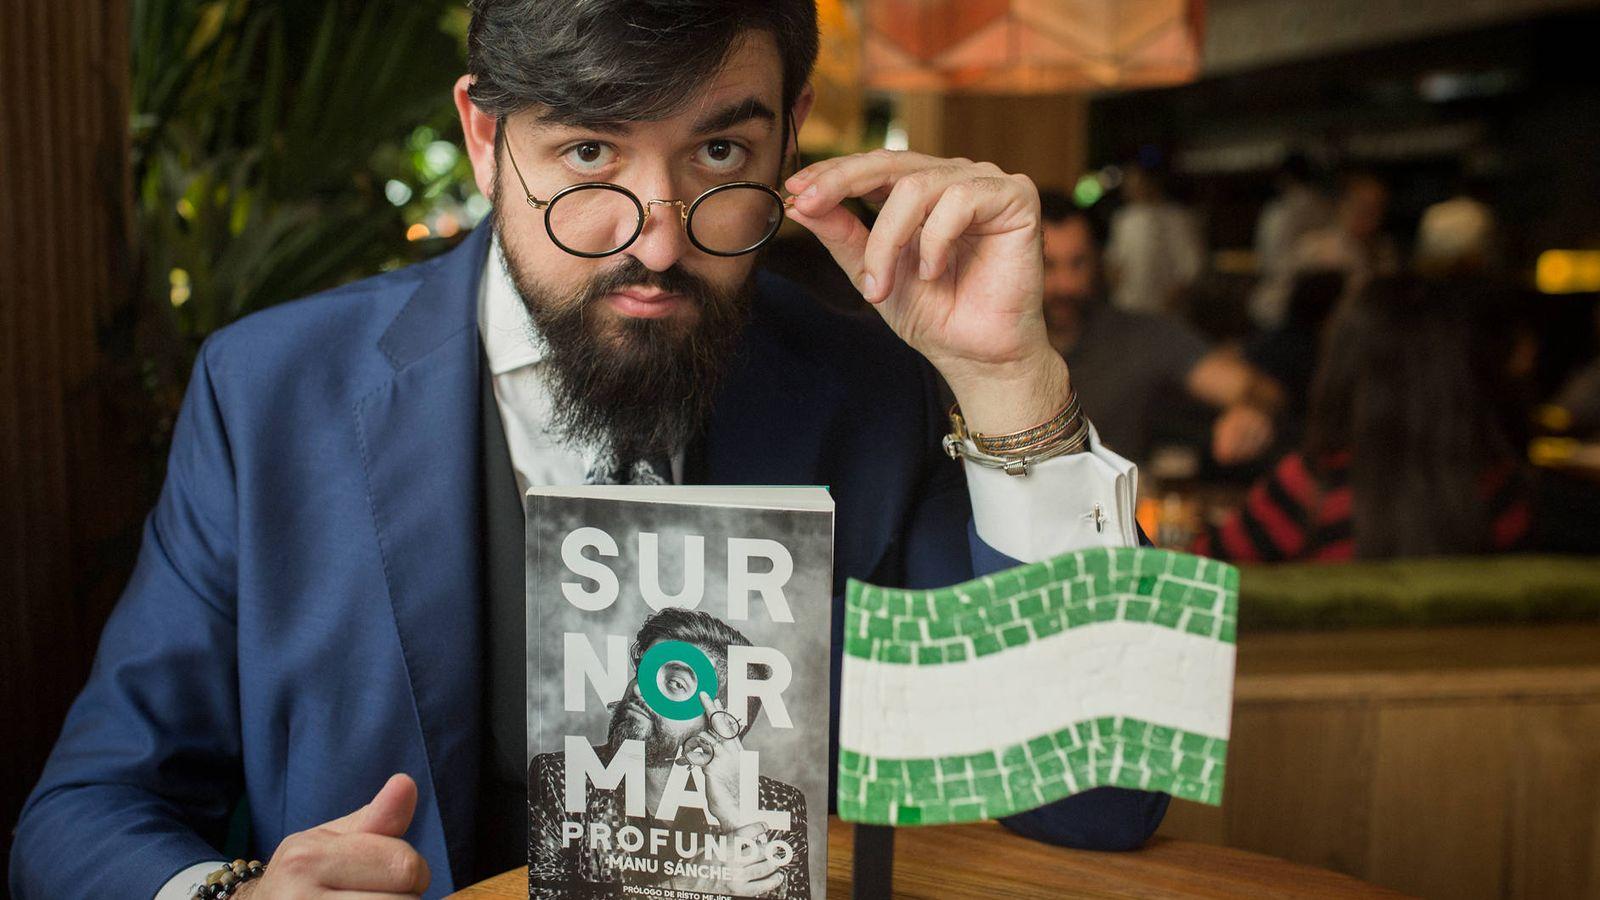 Foto: El humorista Manu Sánchez posa con su libro. (Foto: Julián Sánchez)